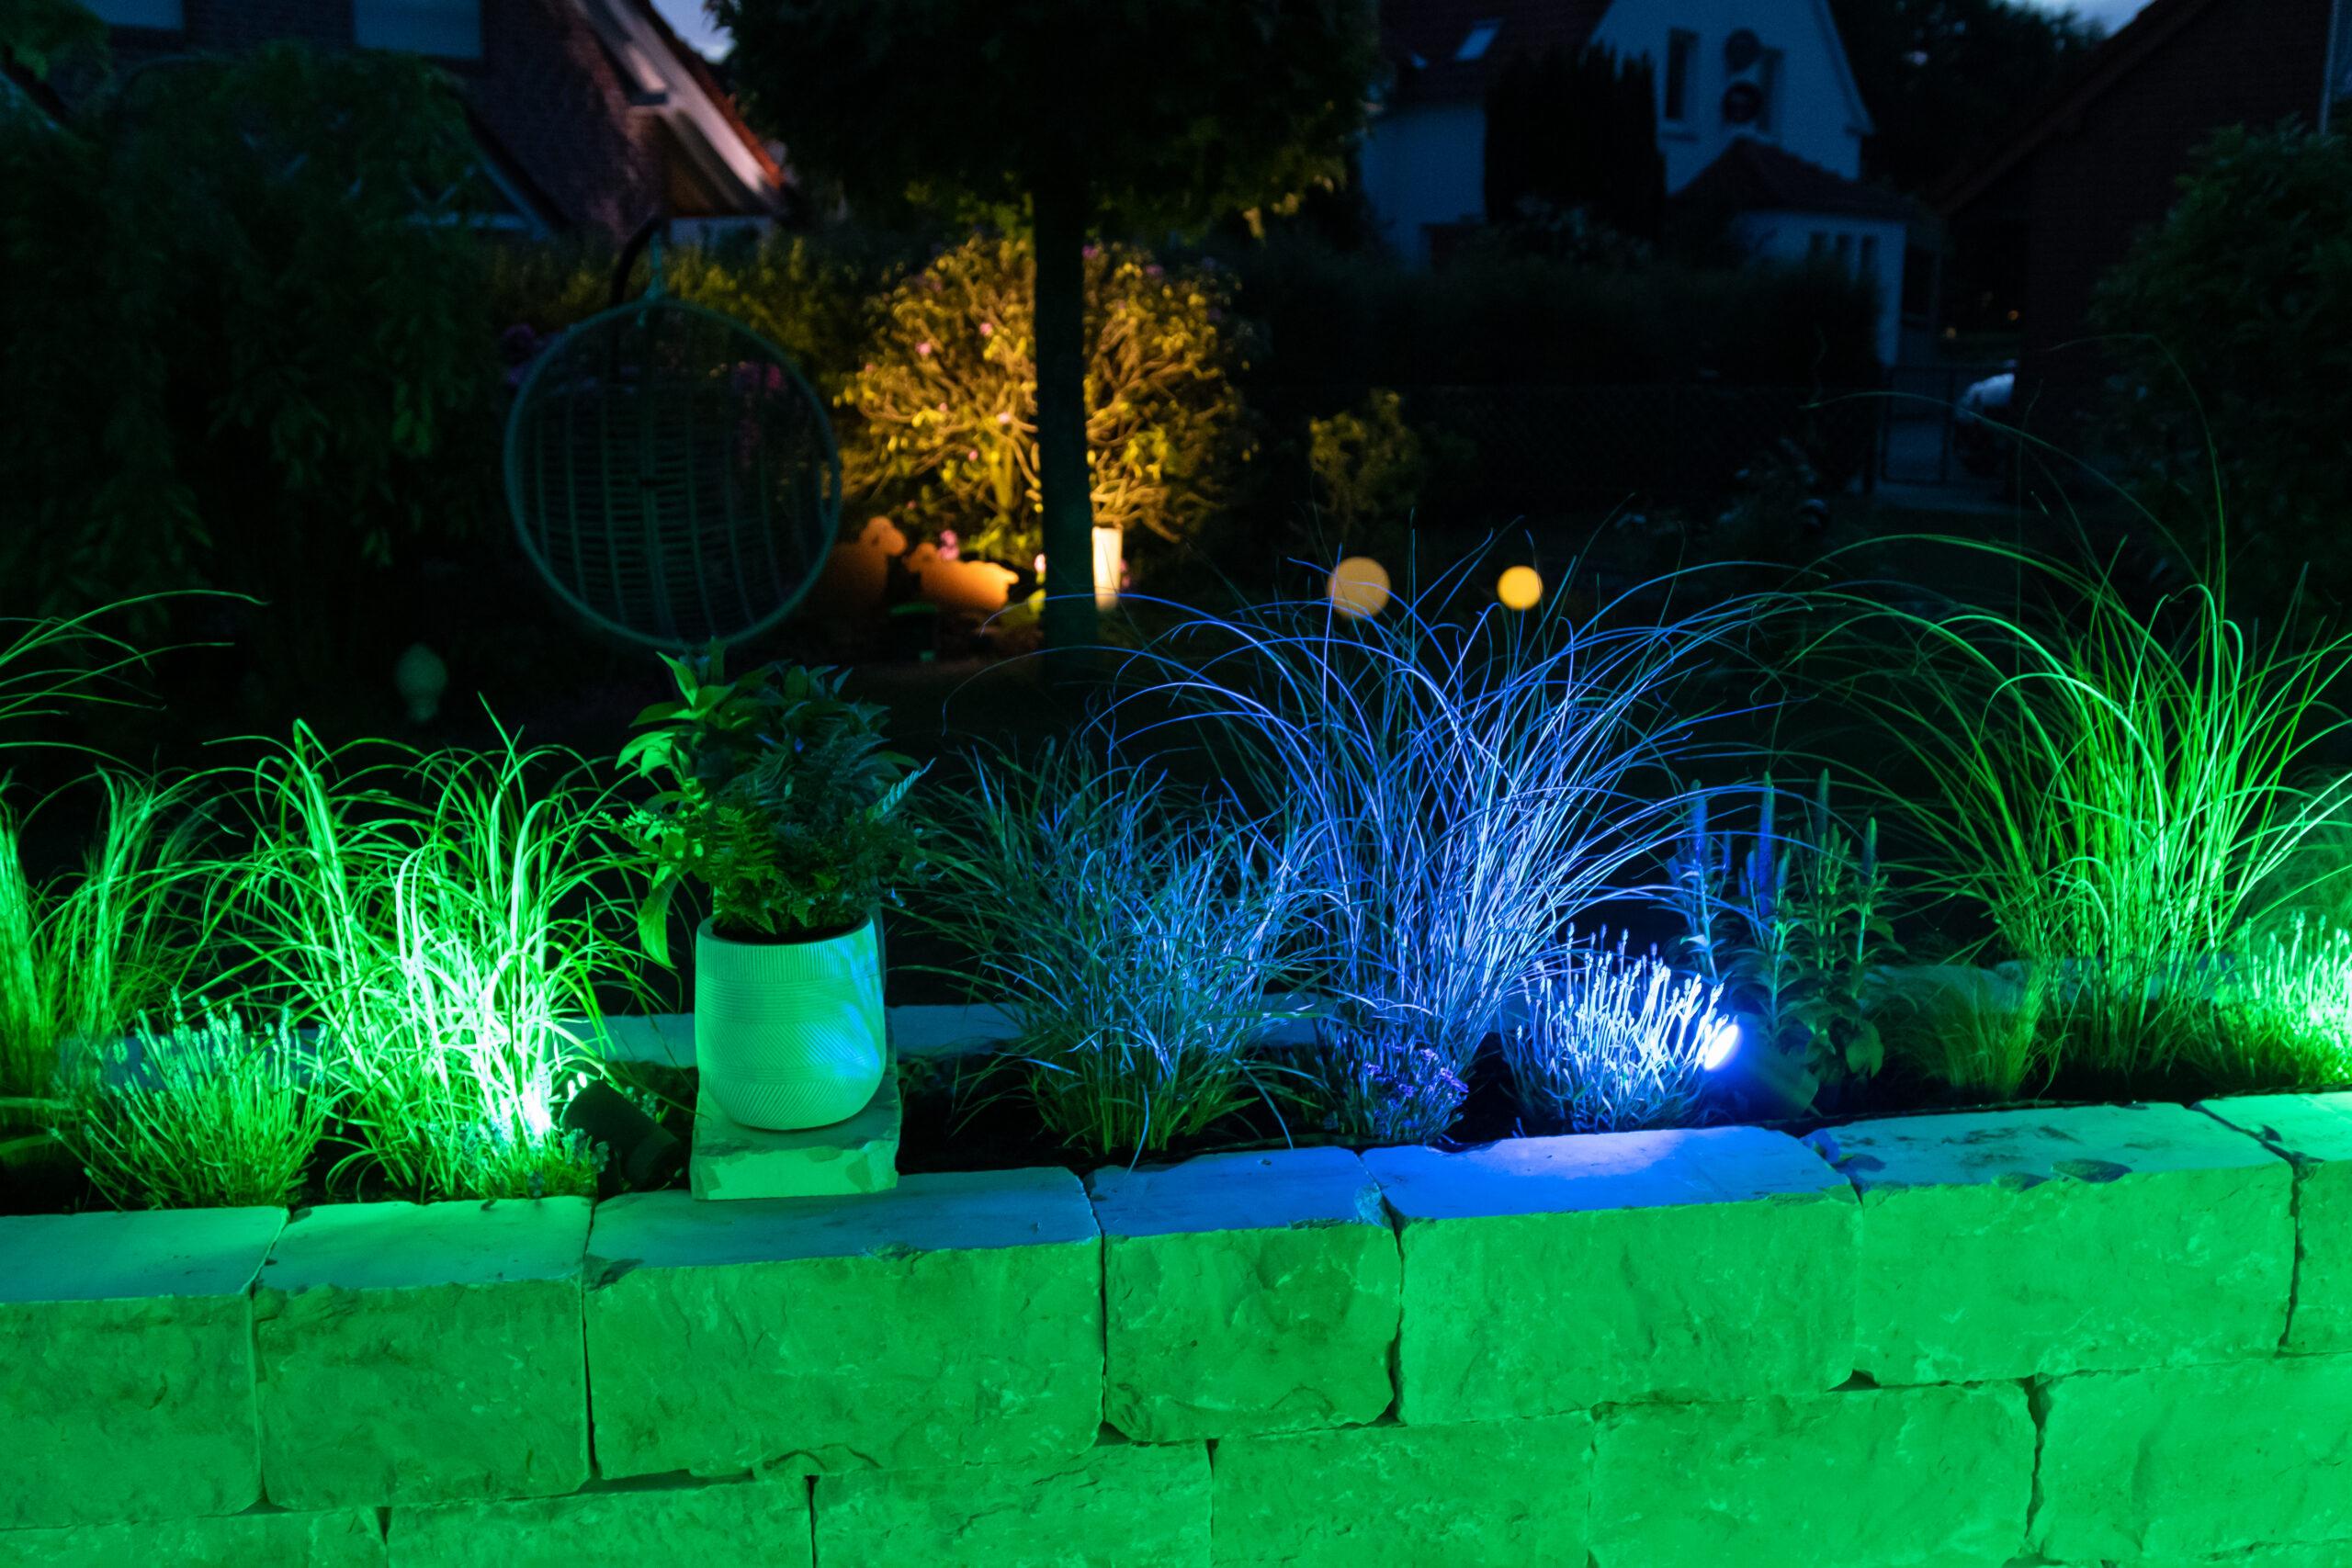 Gartenambientebeleuchtung mit Philips Hue: Gruppe 1 leuchtet grün, Gruppe zwei leuchtet blau.